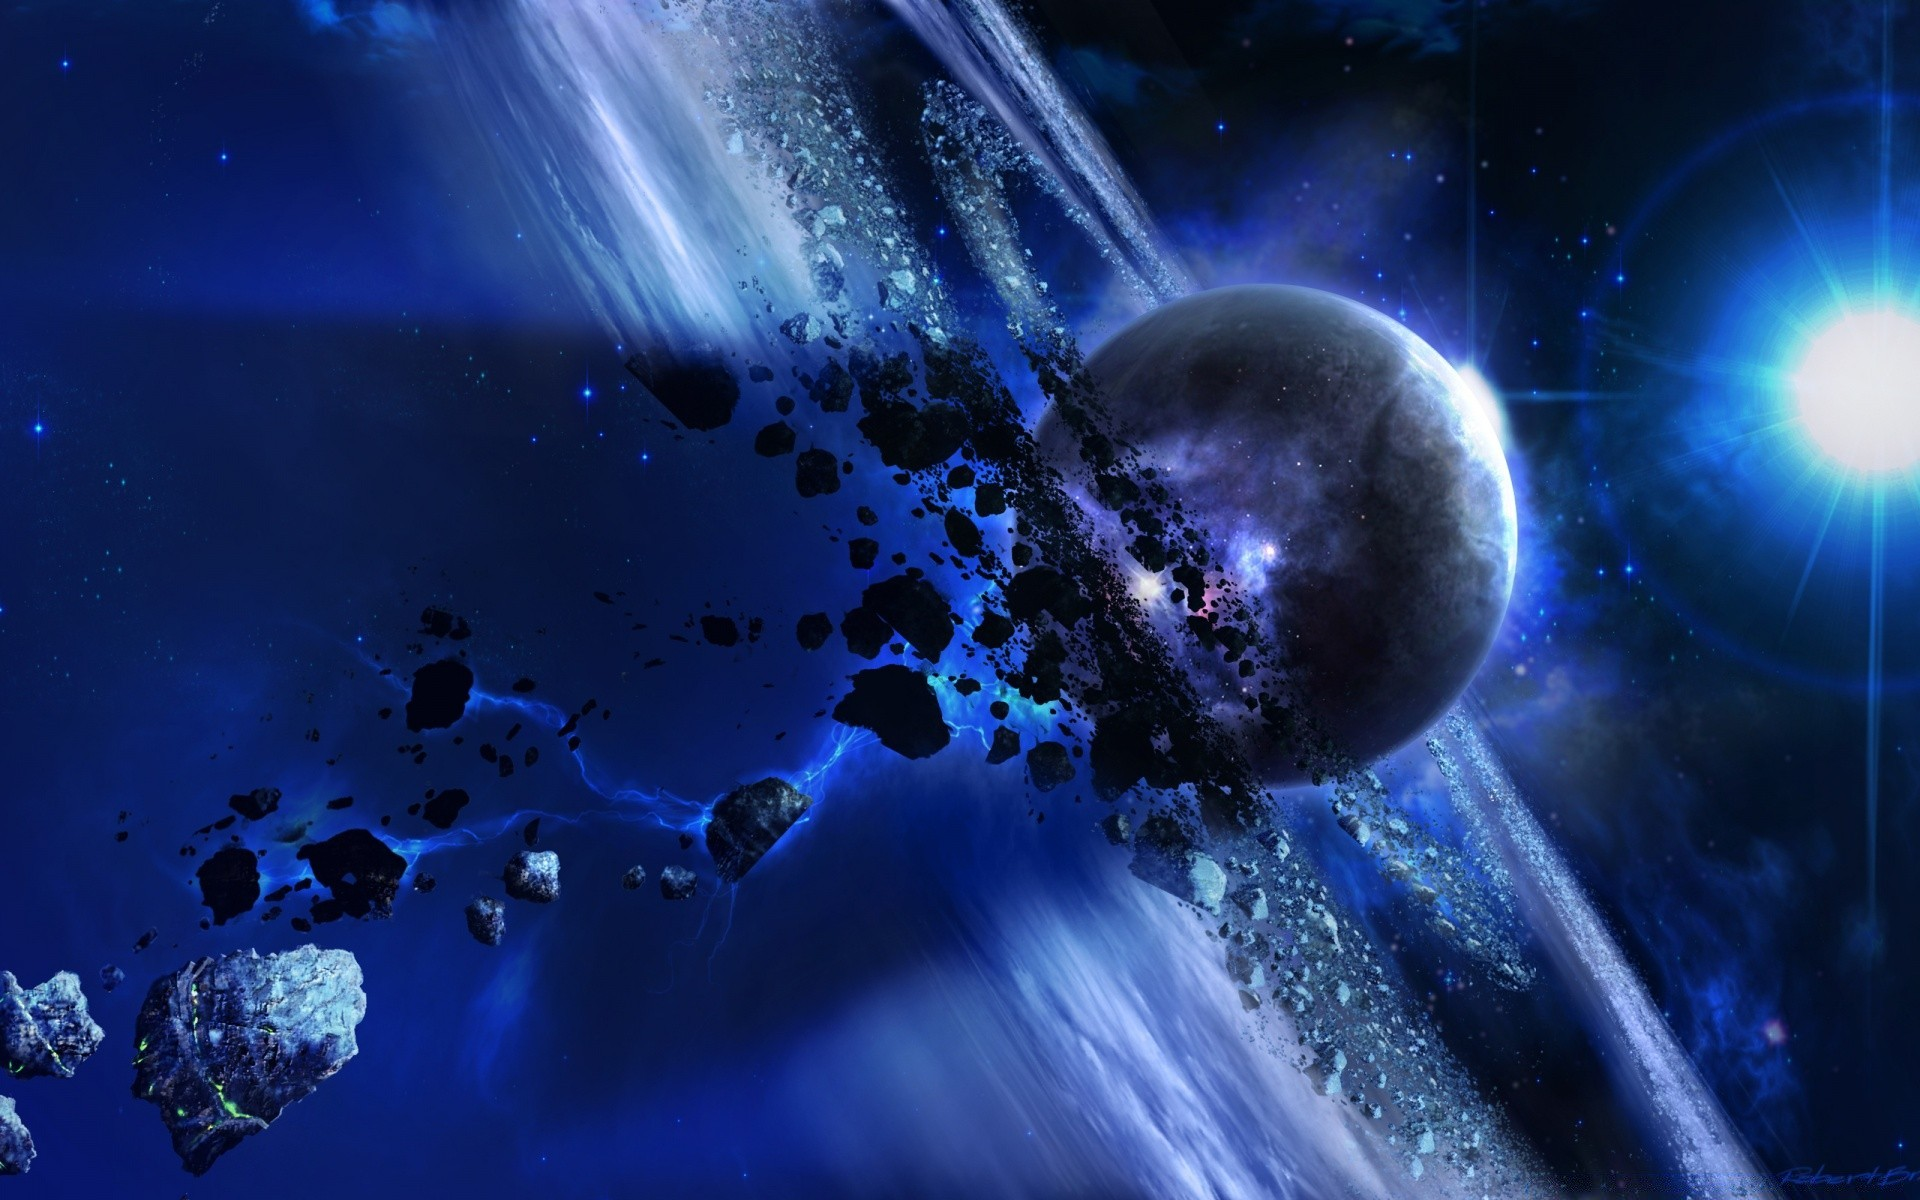 Картинки космос на заставку